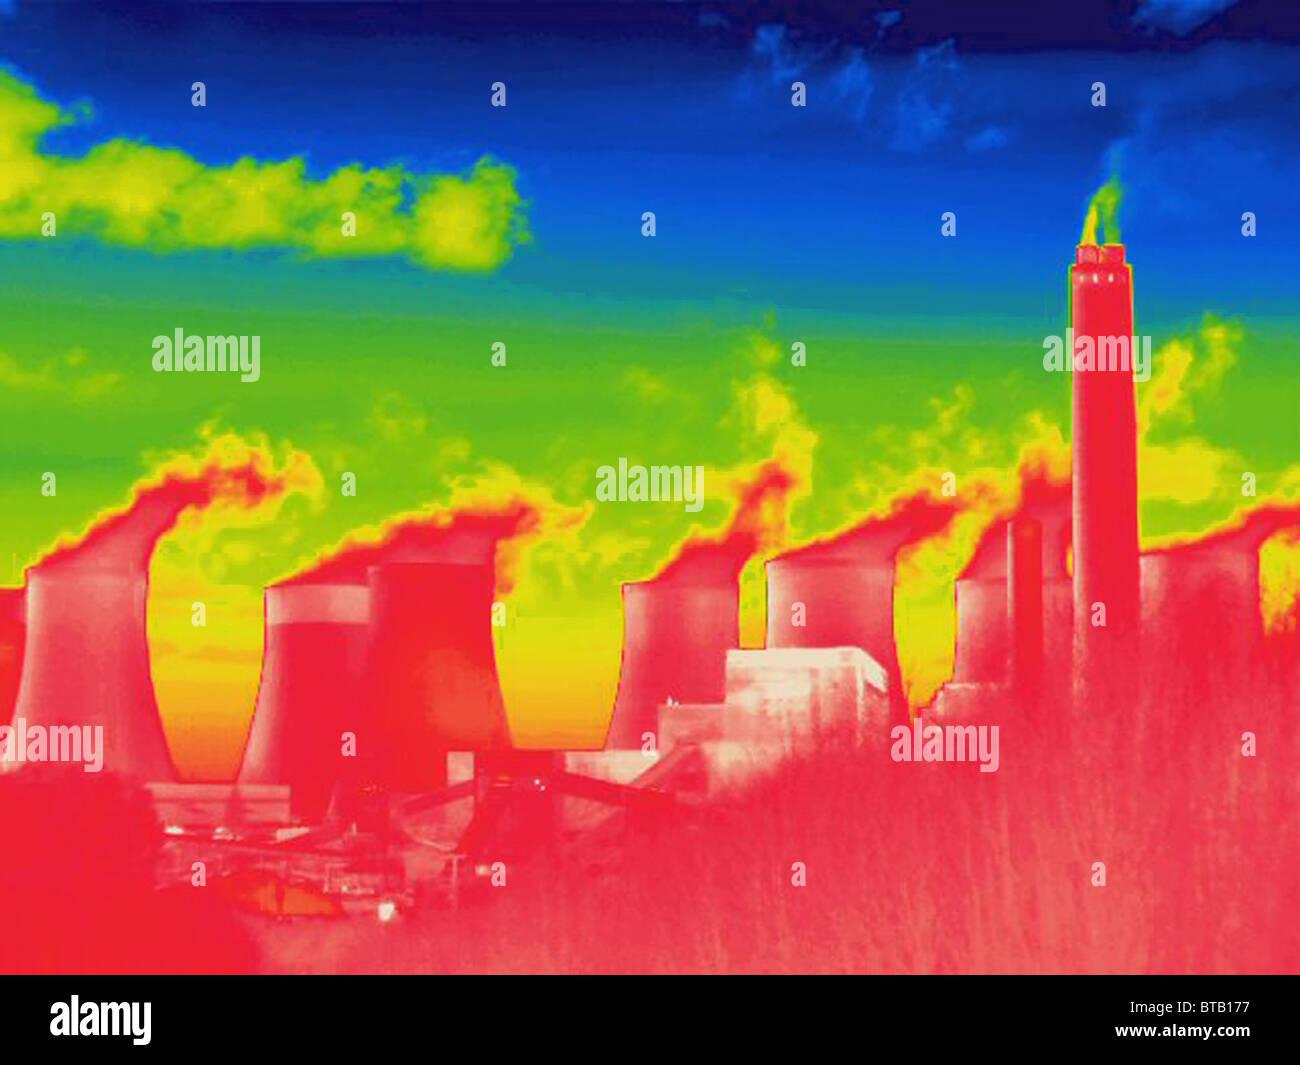 Immagine termica di una stazione di alimentazione Immagini Stock